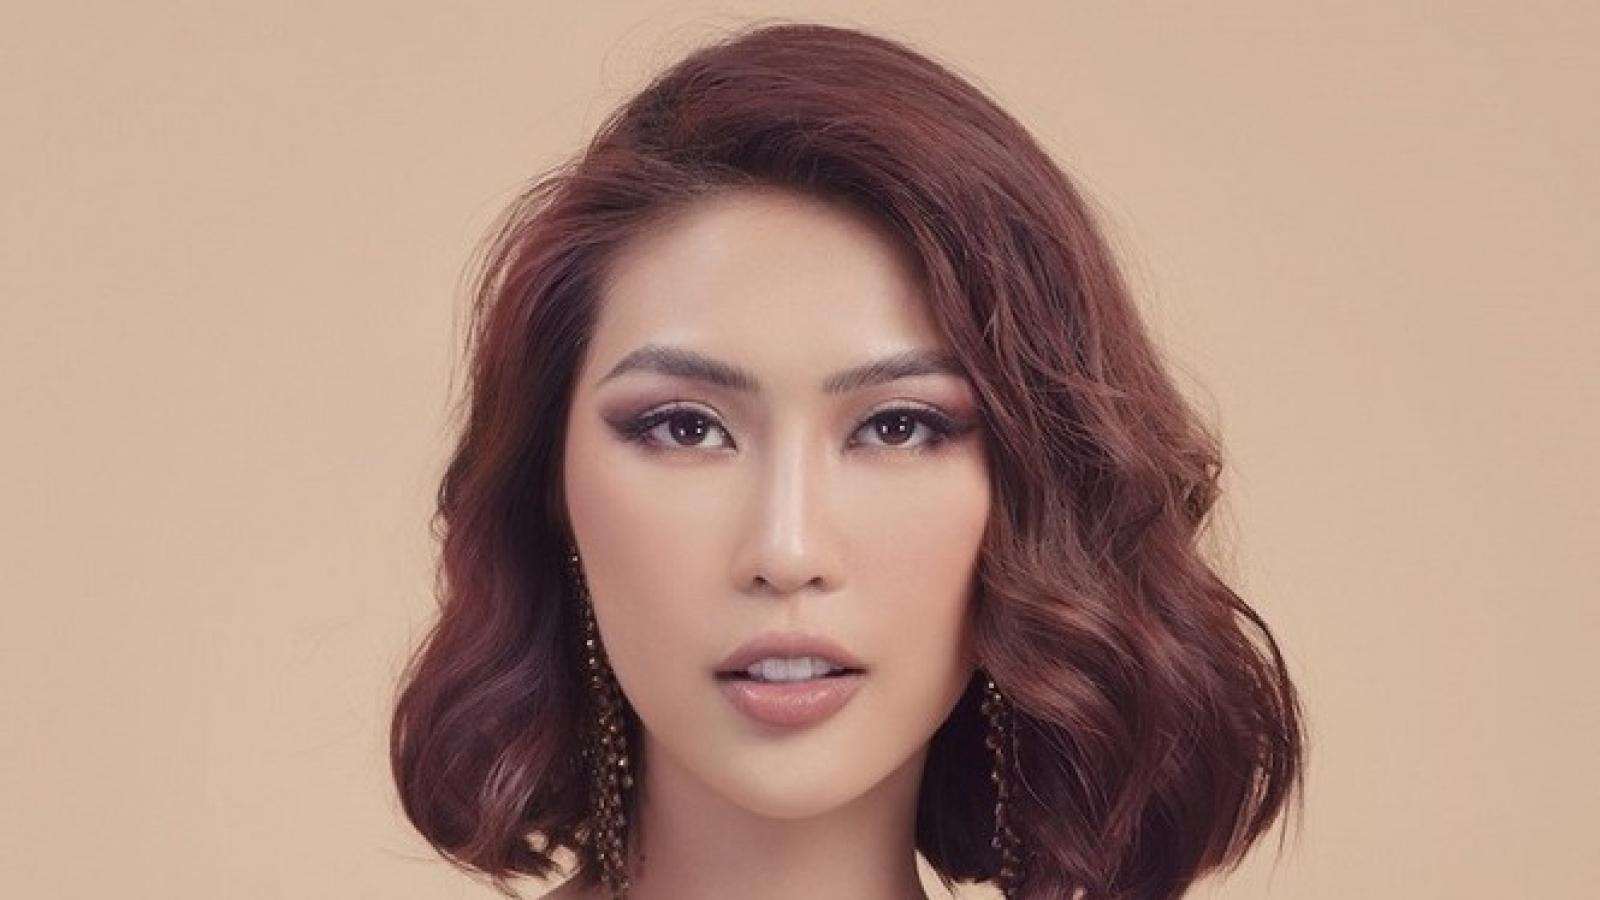 Hoa hậu Tường Linh bức xúc khi bị nhắc đến trong đường dây bán dâm